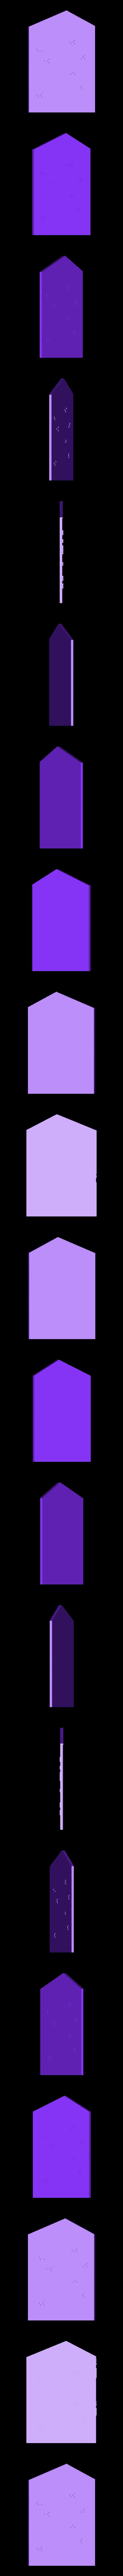 fun_side2.stl Télécharger fichier STL gratuit Ripper's London - Salon funéraire / boutique • Design pour imprimante 3D, Earsling